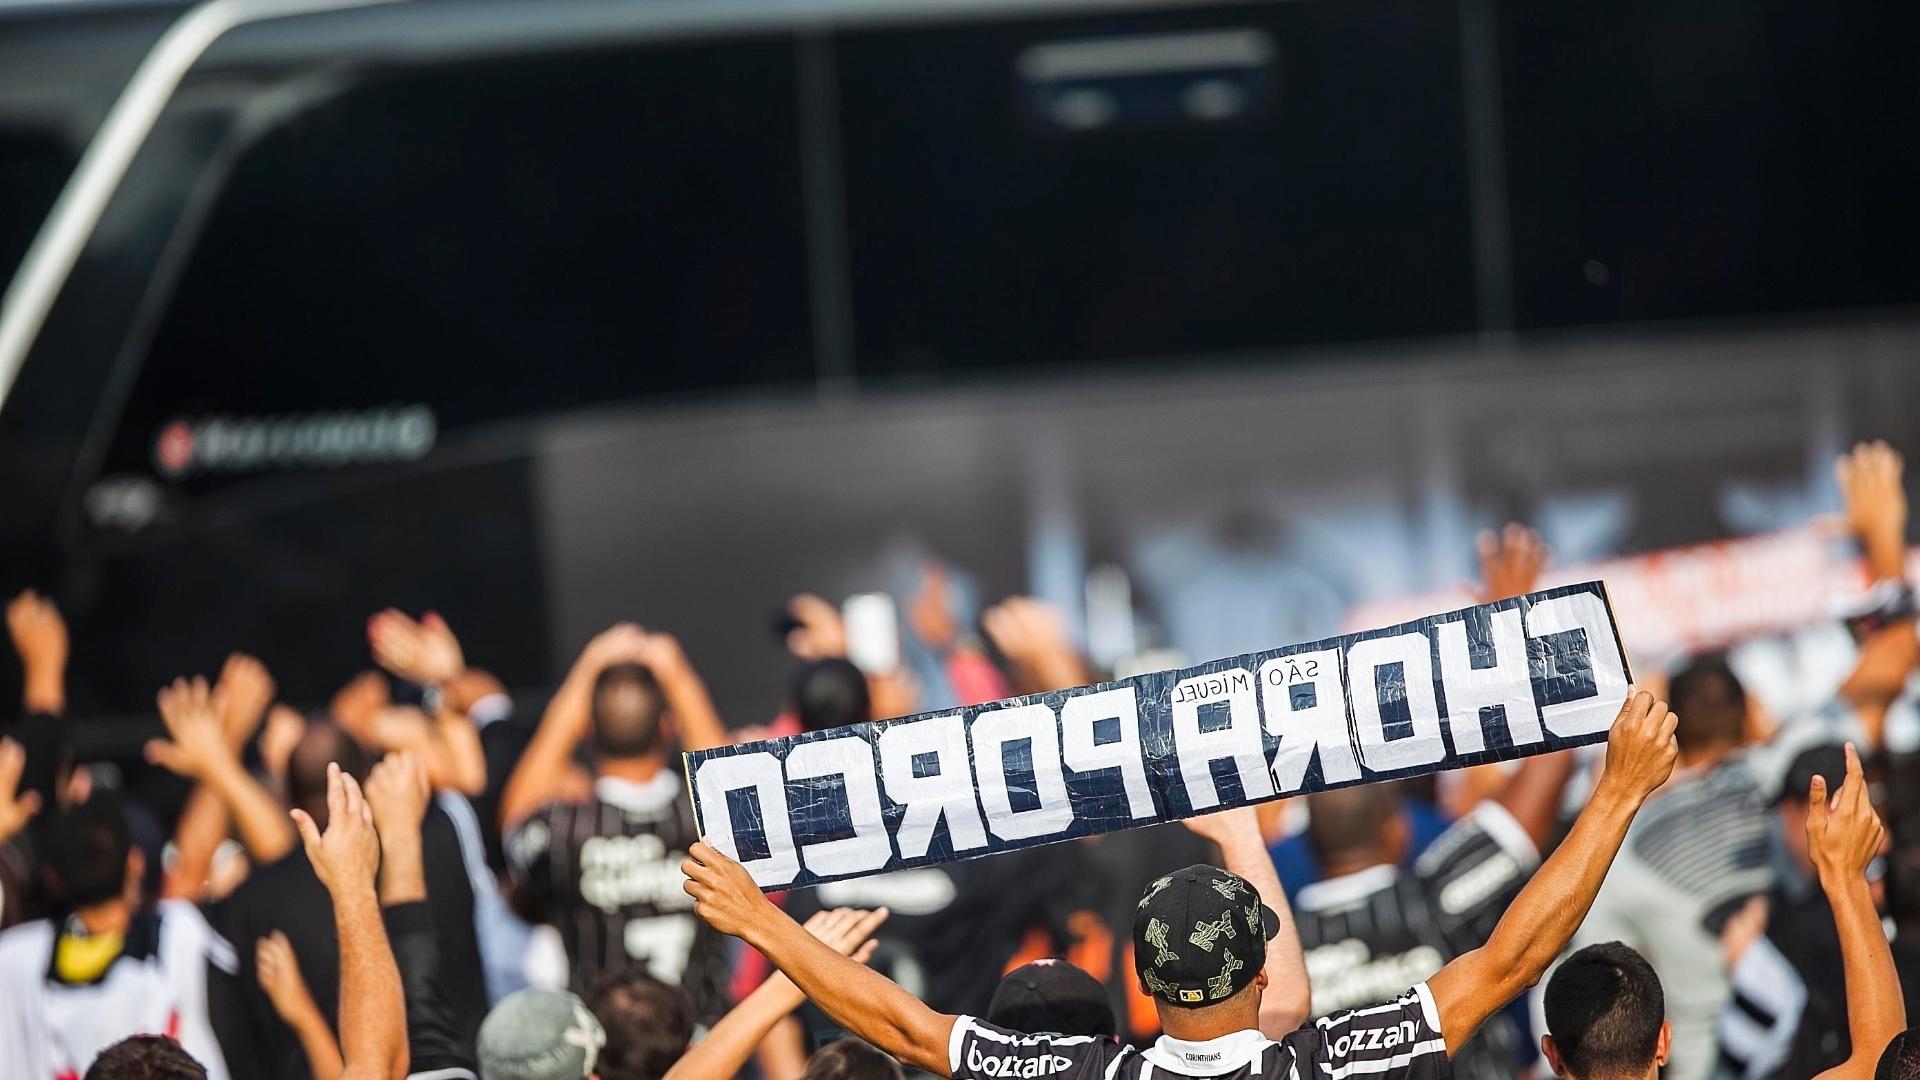 18.dez.2012-Torcedor do Corinthians provoca rival Palmeiras em recepção do ônibus do time alvinegro no aeroporto de Guarulhos, em São Paulo